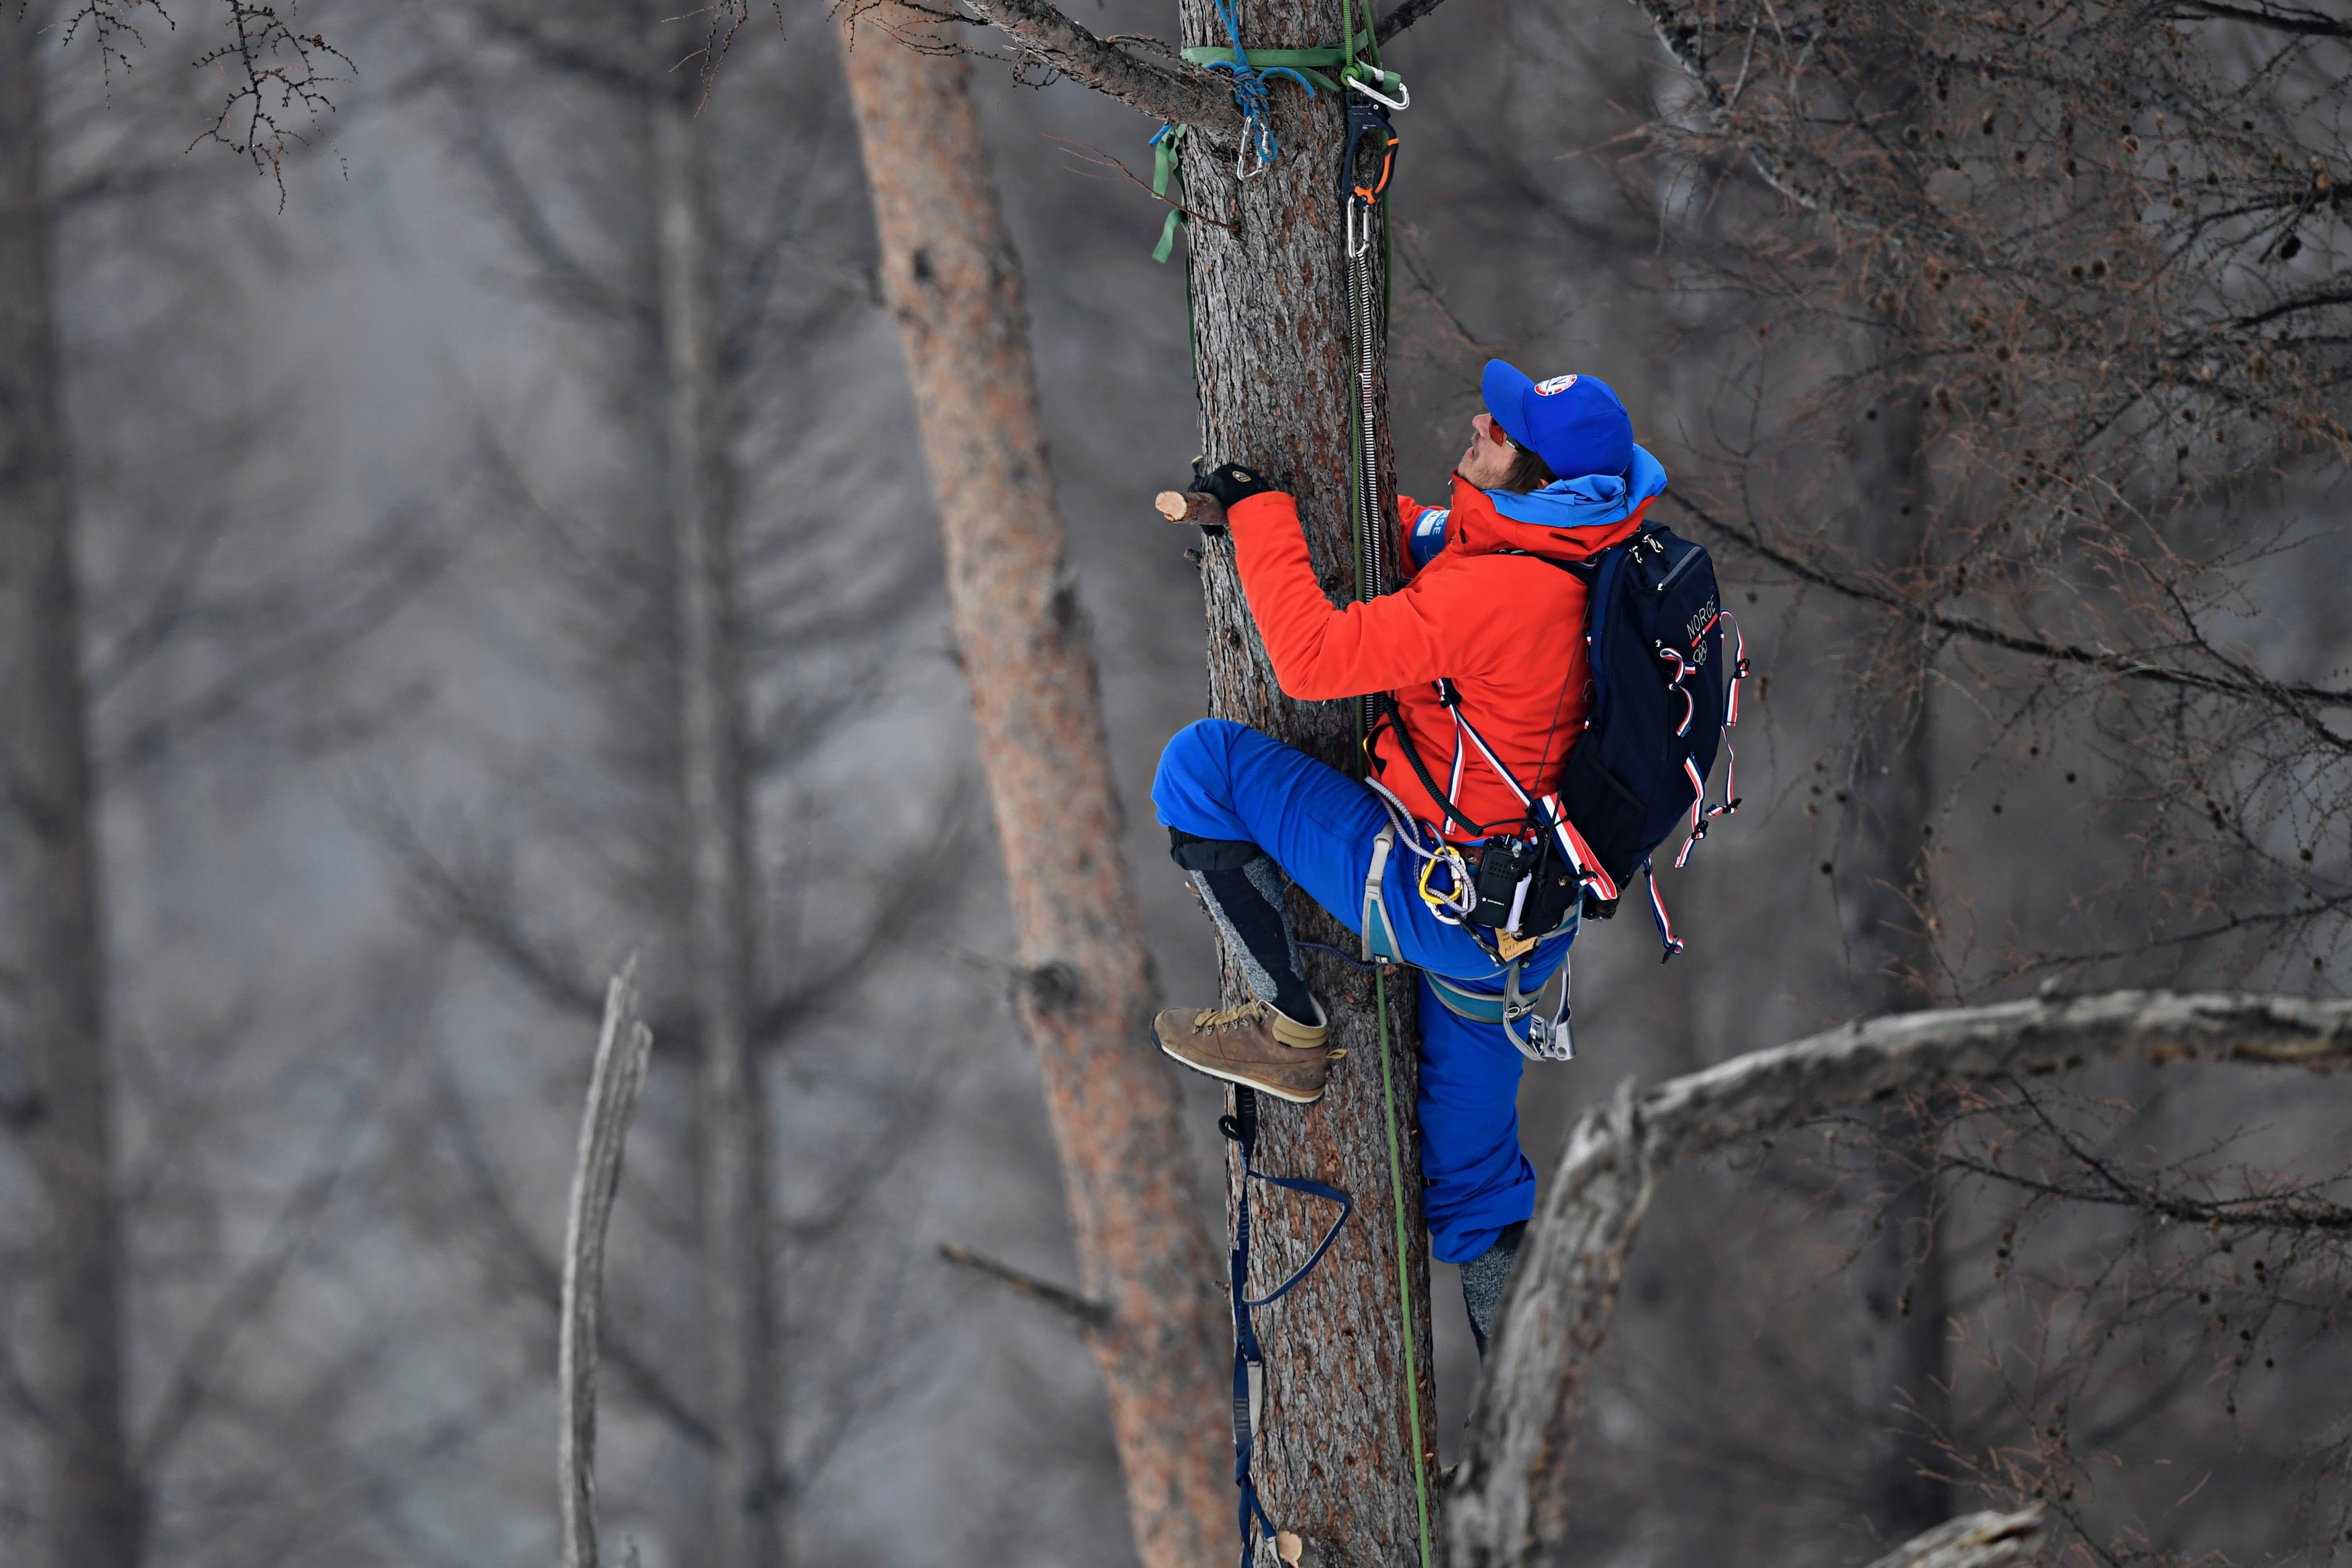 Les entraîneurs montent aux arbres pour analyser au mieux les entraînements de descente.